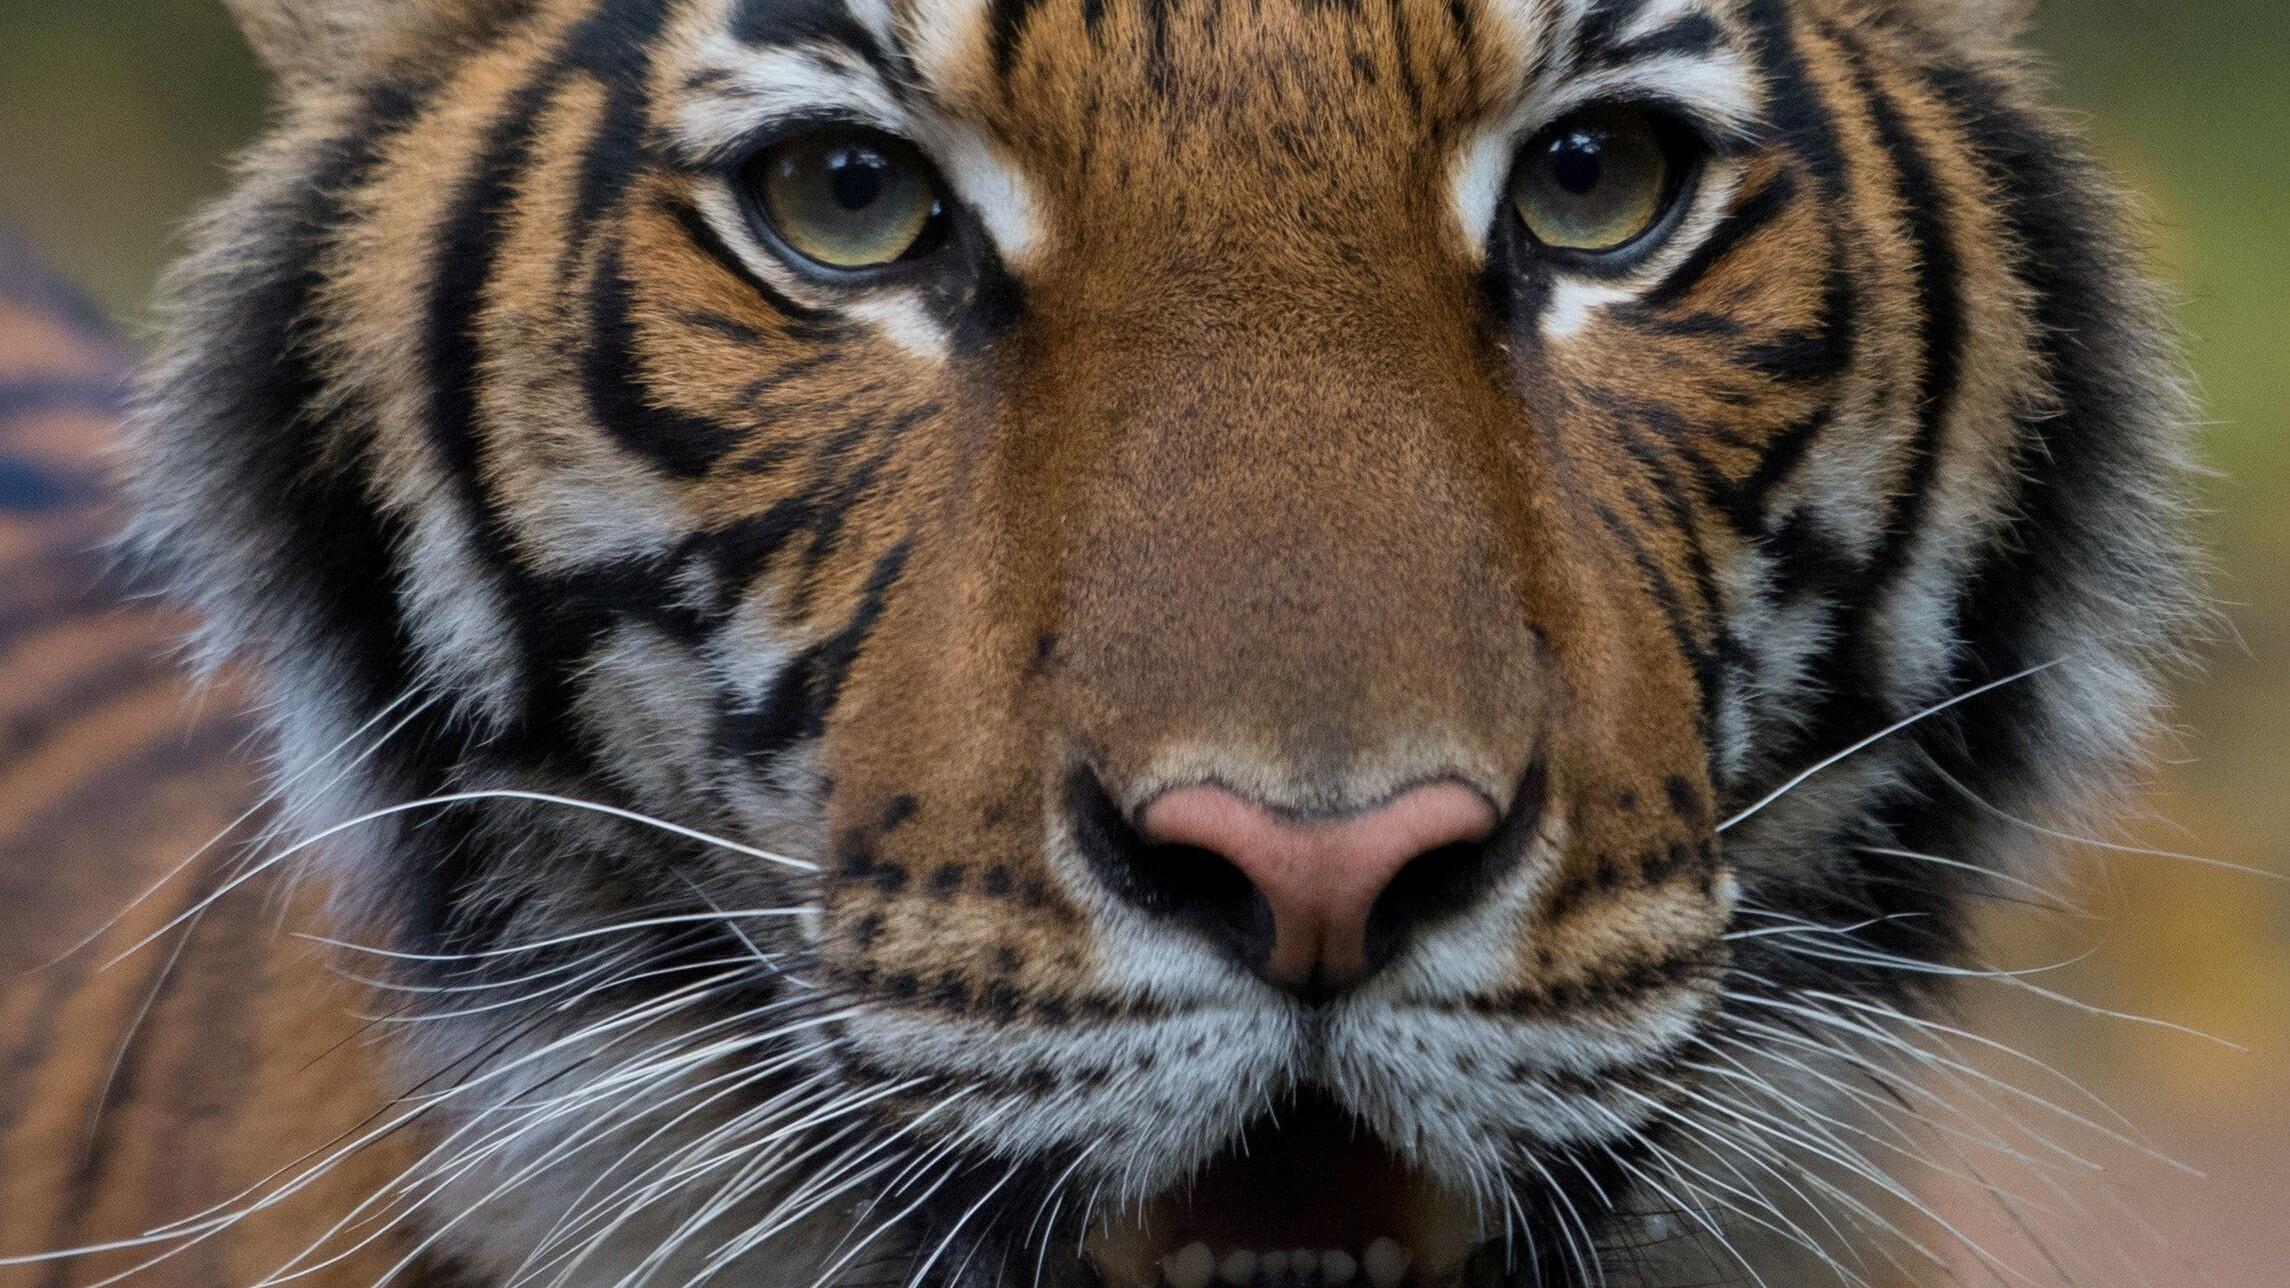 Foto publicada el 5 de abril de 2020 por el Zoológico del Bronx, en Nueva York, donde se ve un a Nadie, un tigre de Malasia que dio positivo por coronavirus.